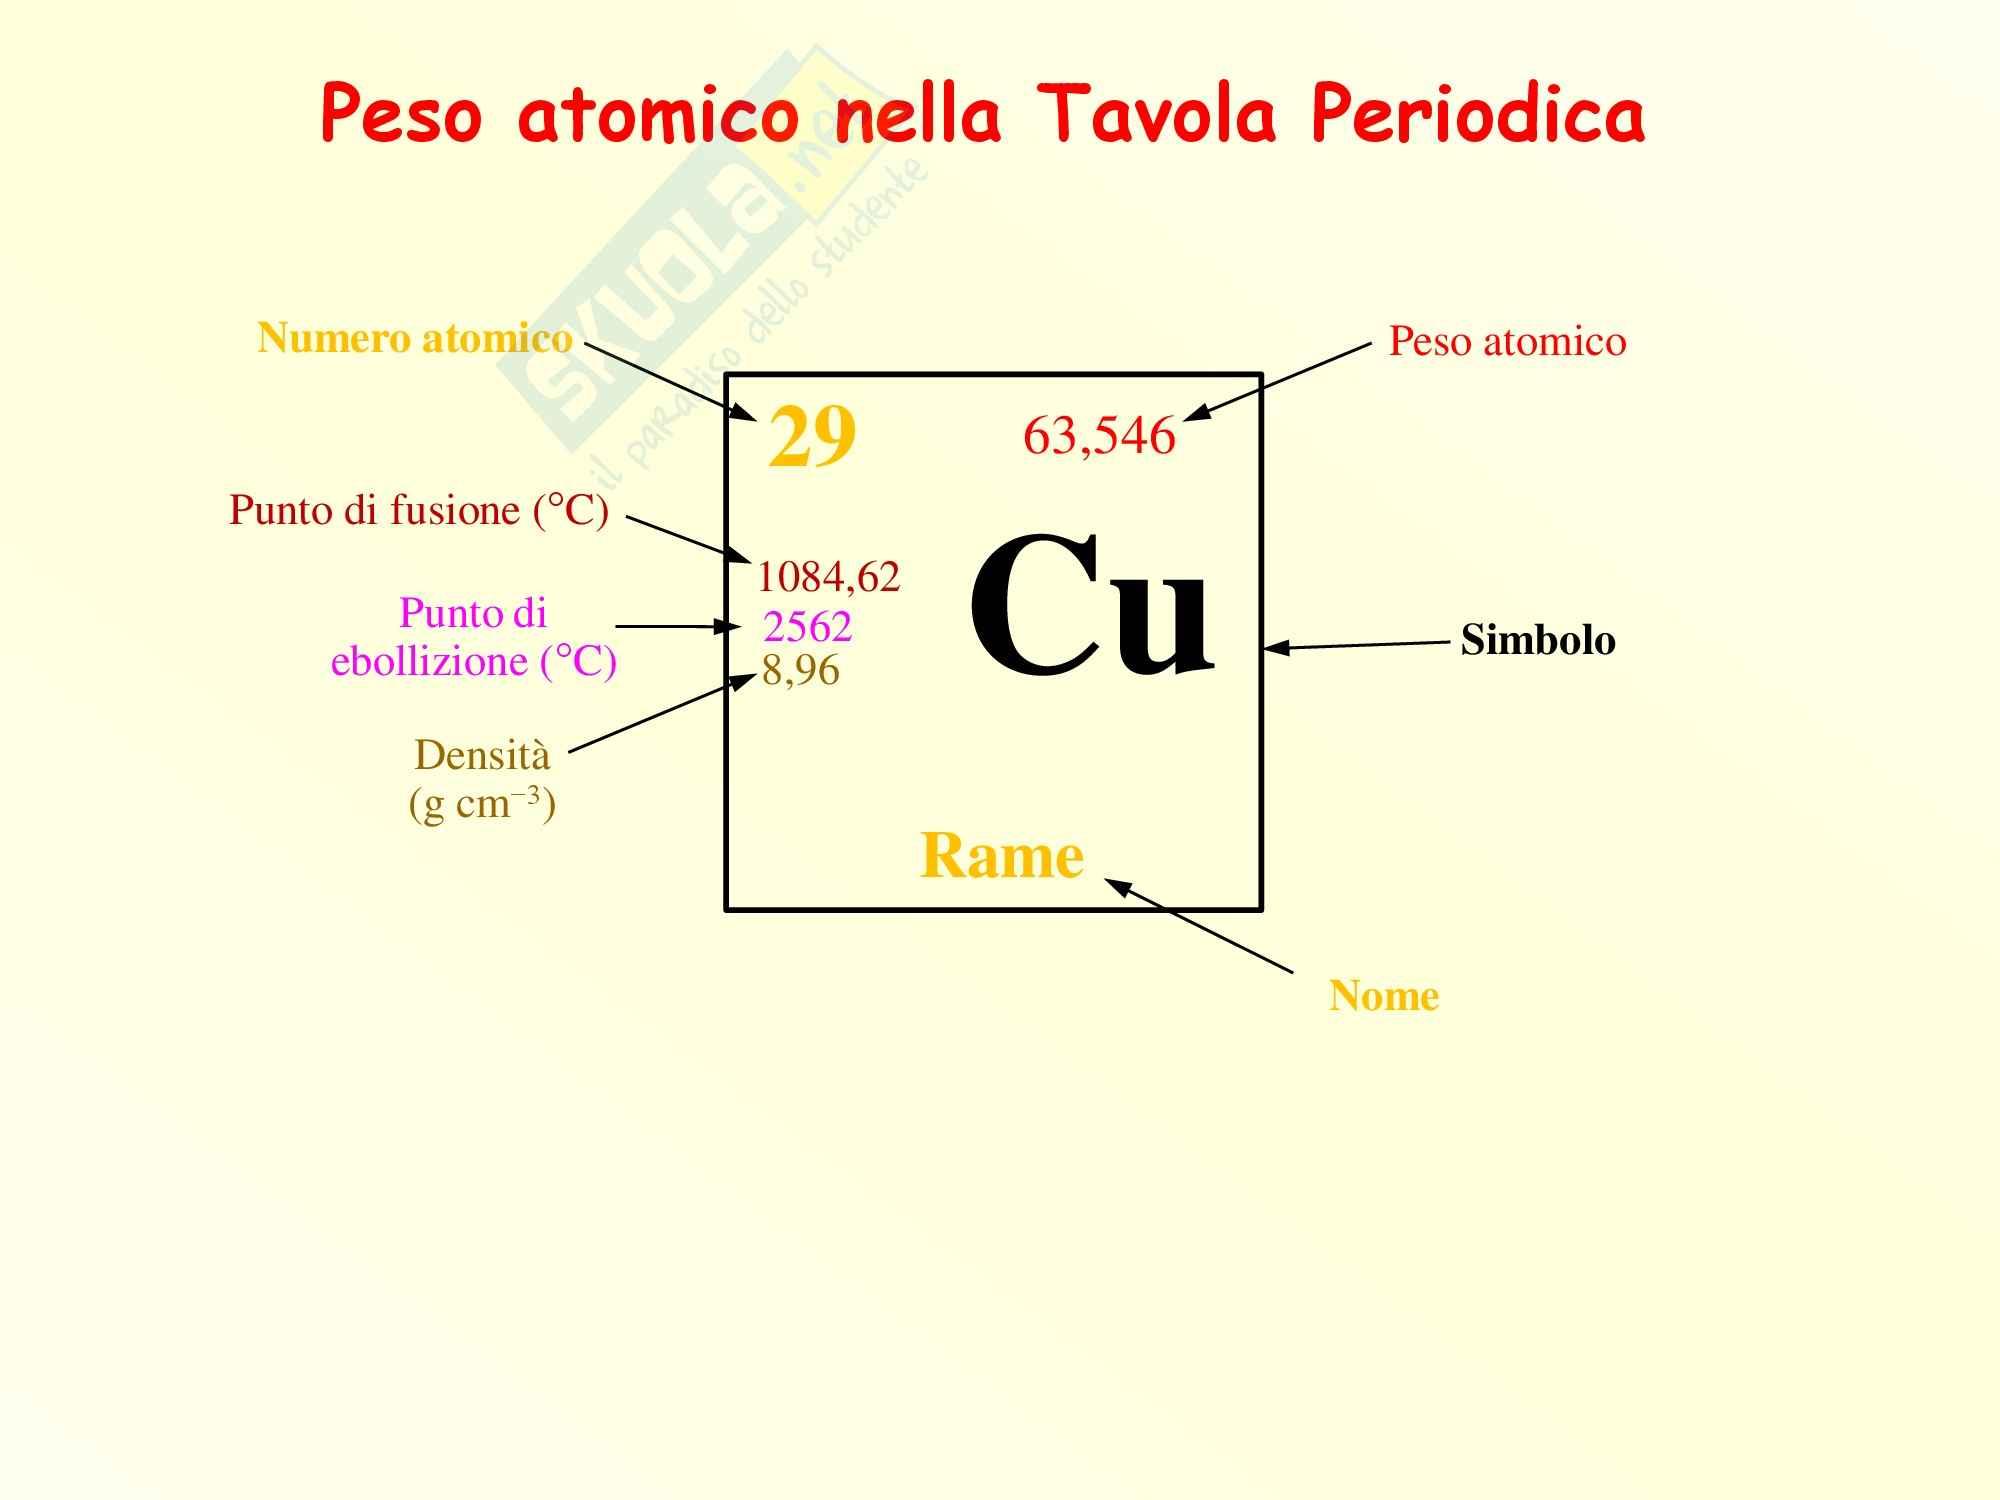 Chimica inorganica - il peso atomico Pag. 2